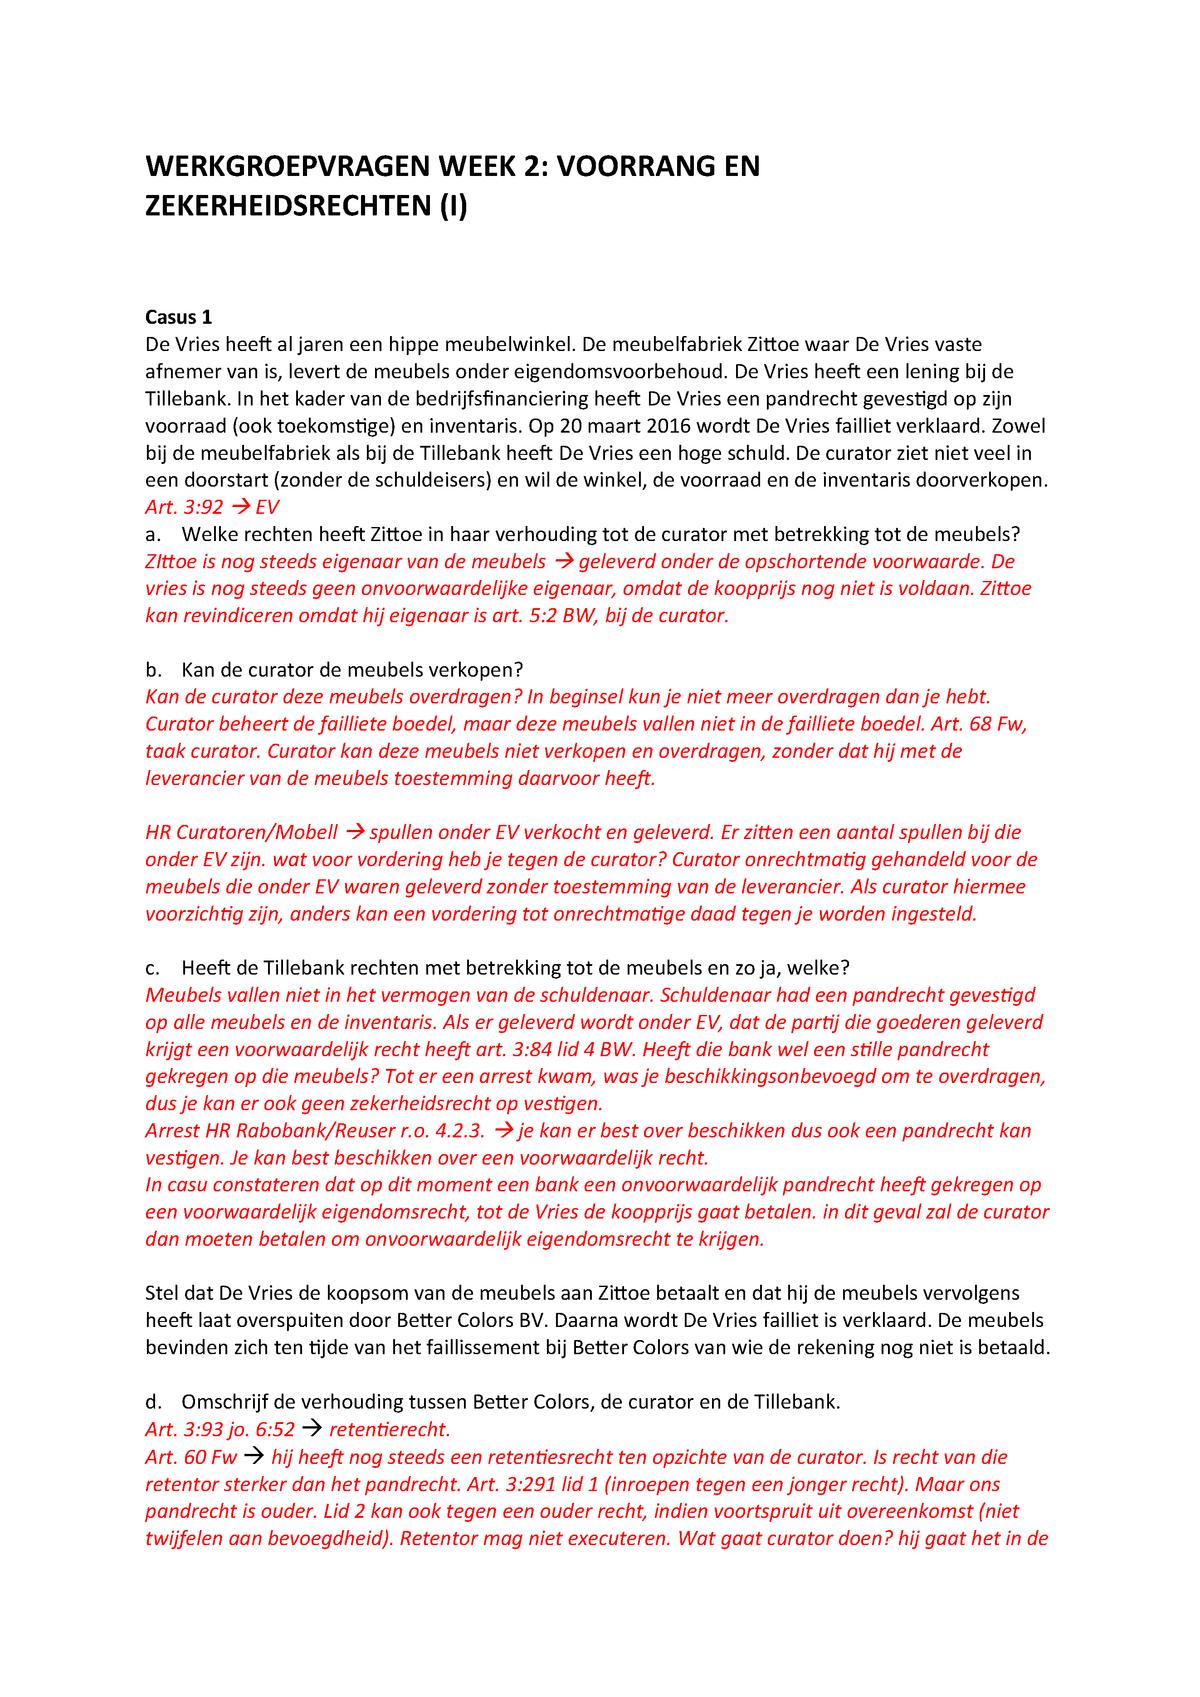 Faillissement Verkoop Meubels.Werkgroep Week 2 Faillissementsrecht Rgmafa100 Studocu